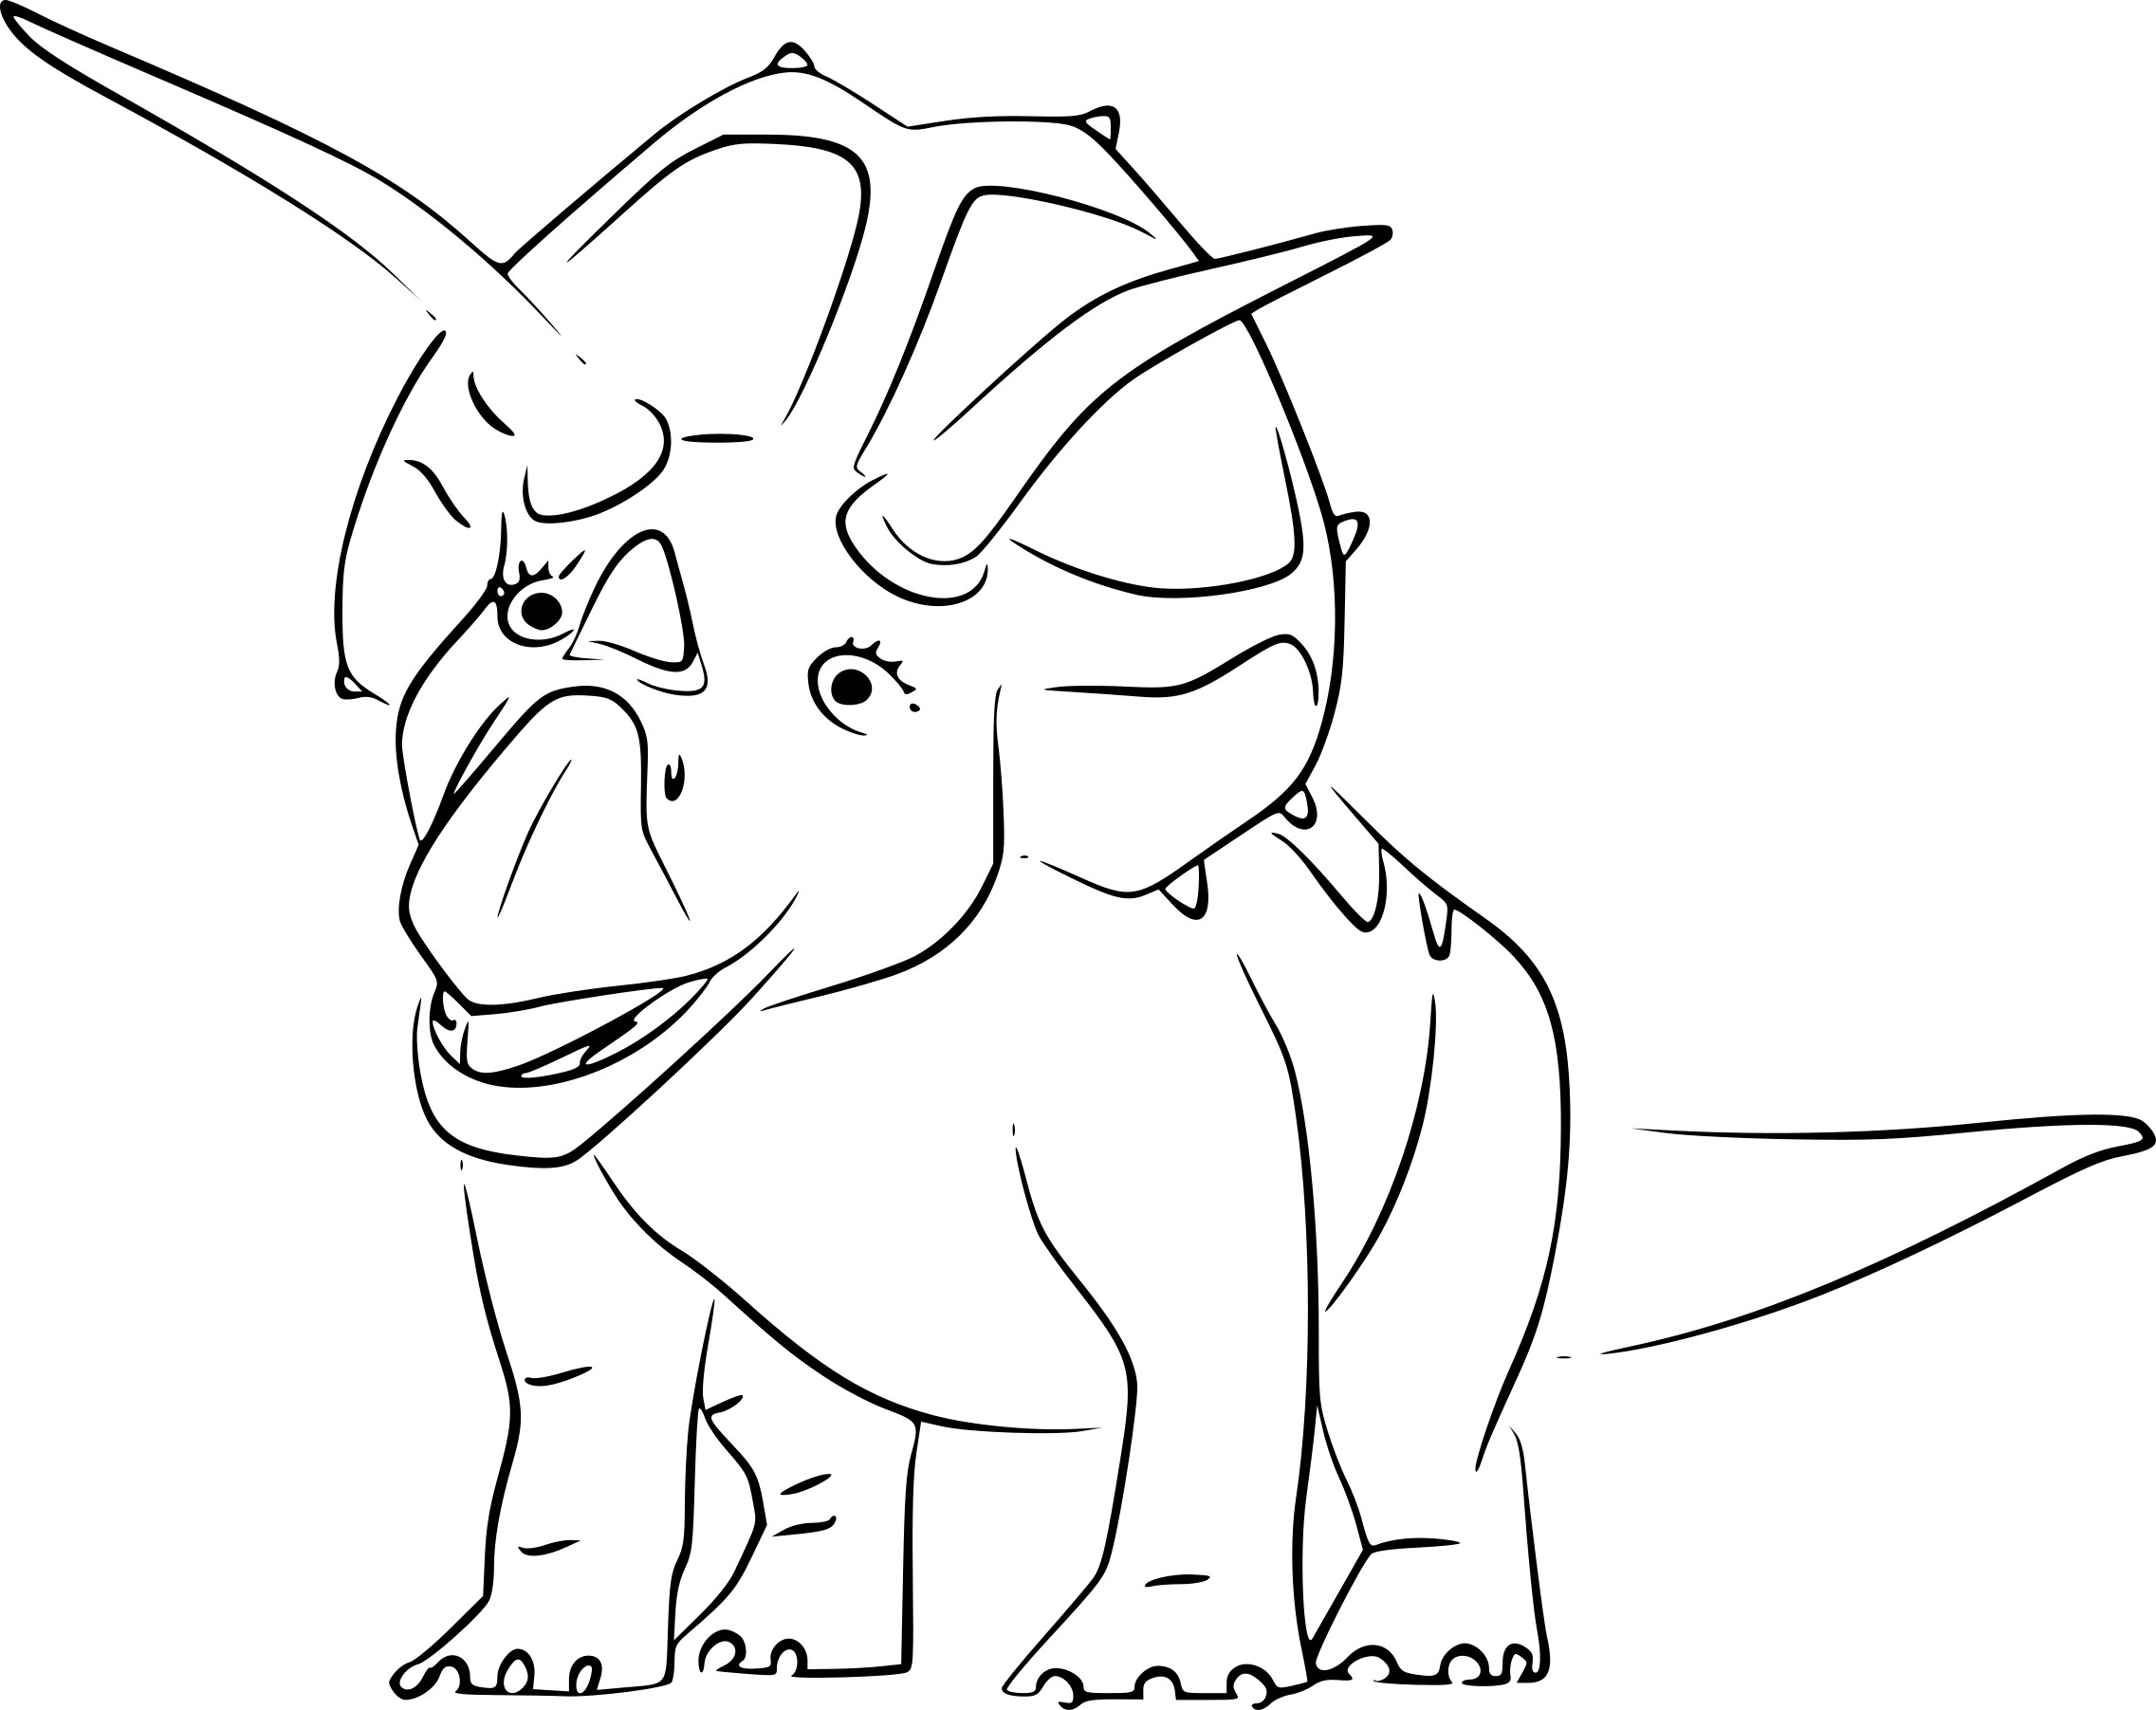 Coloriage Triceratops Dinosaure À Imprimer dedans Coloriages A Imprimer